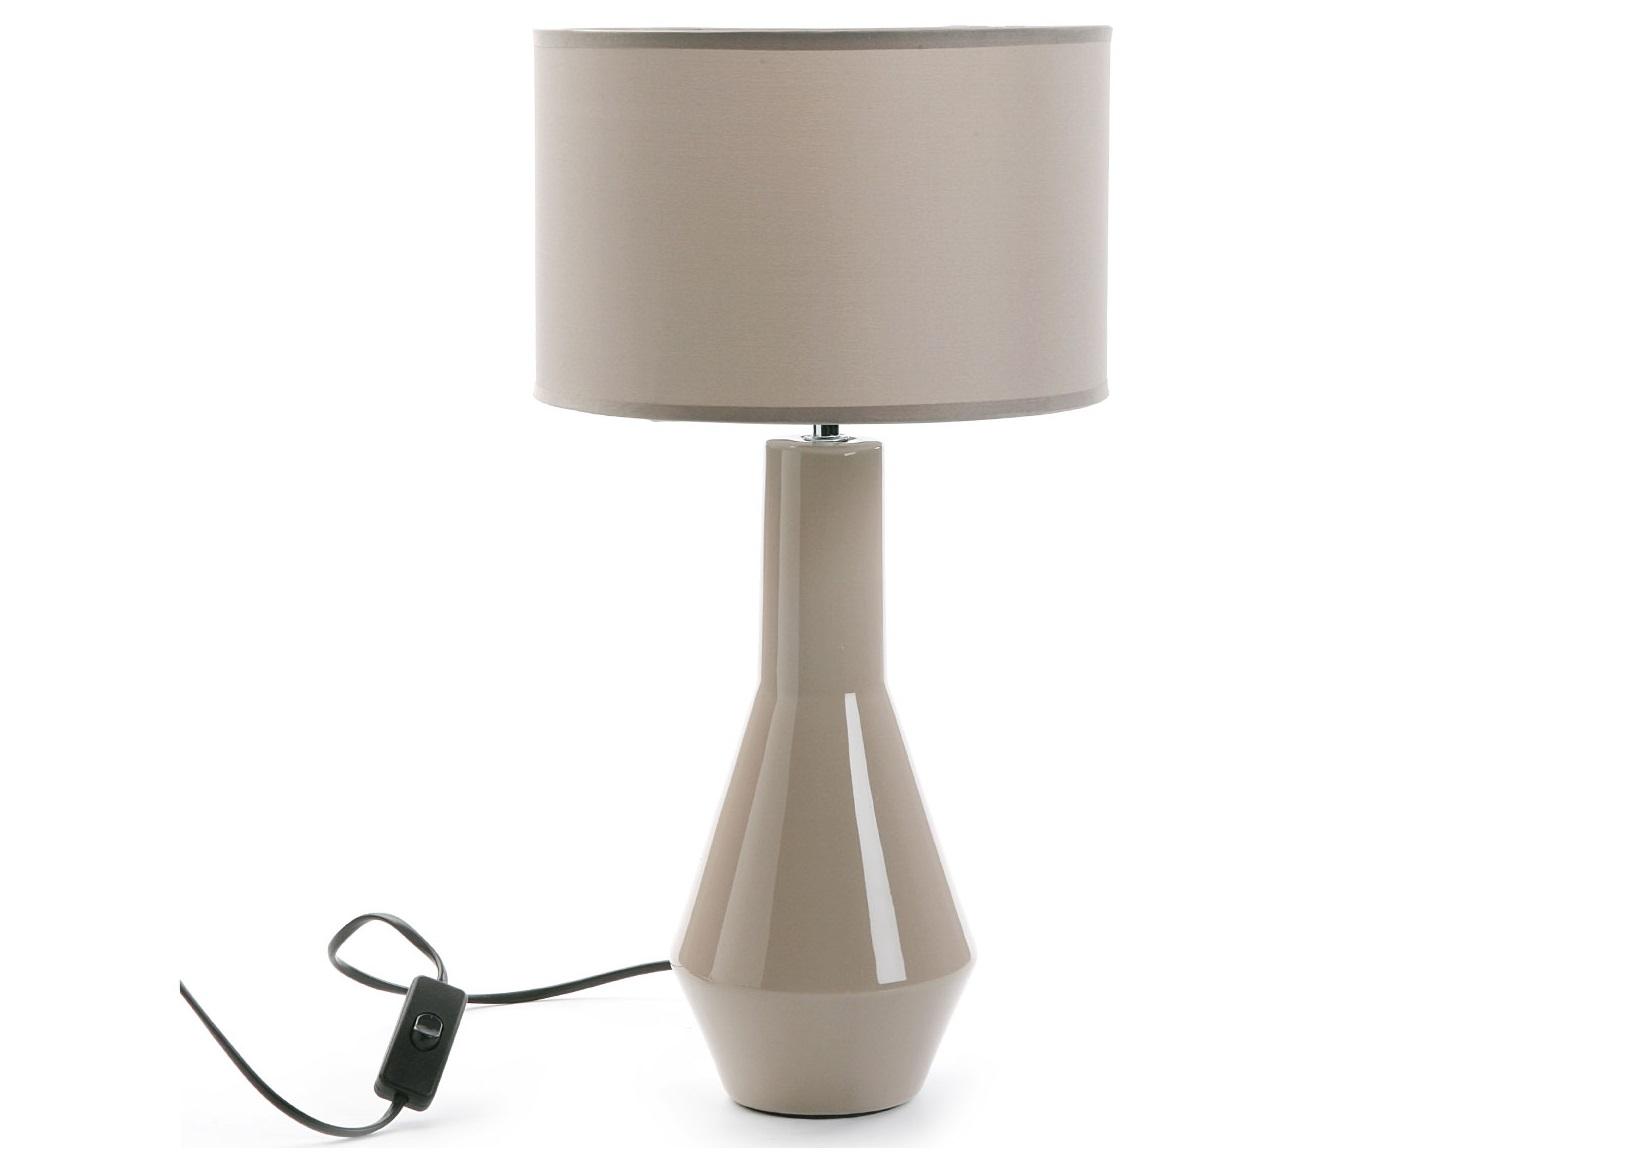 Настольная лампаДекоративные лампы<br>&amp;lt;div&amp;gt;Вид цоколя: E14&amp;lt;/div&amp;gt;&amp;lt;div&amp;gt;Мощность: 40W&amp;lt;/div&amp;gt;&amp;lt;div&amp;gt;Количество ламп: 1&amp;lt;/div&amp;gt;<br><br>Material: Керамика<br>Length см: None<br>Width см: None<br>Height см: 50<br>Diameter см: 25